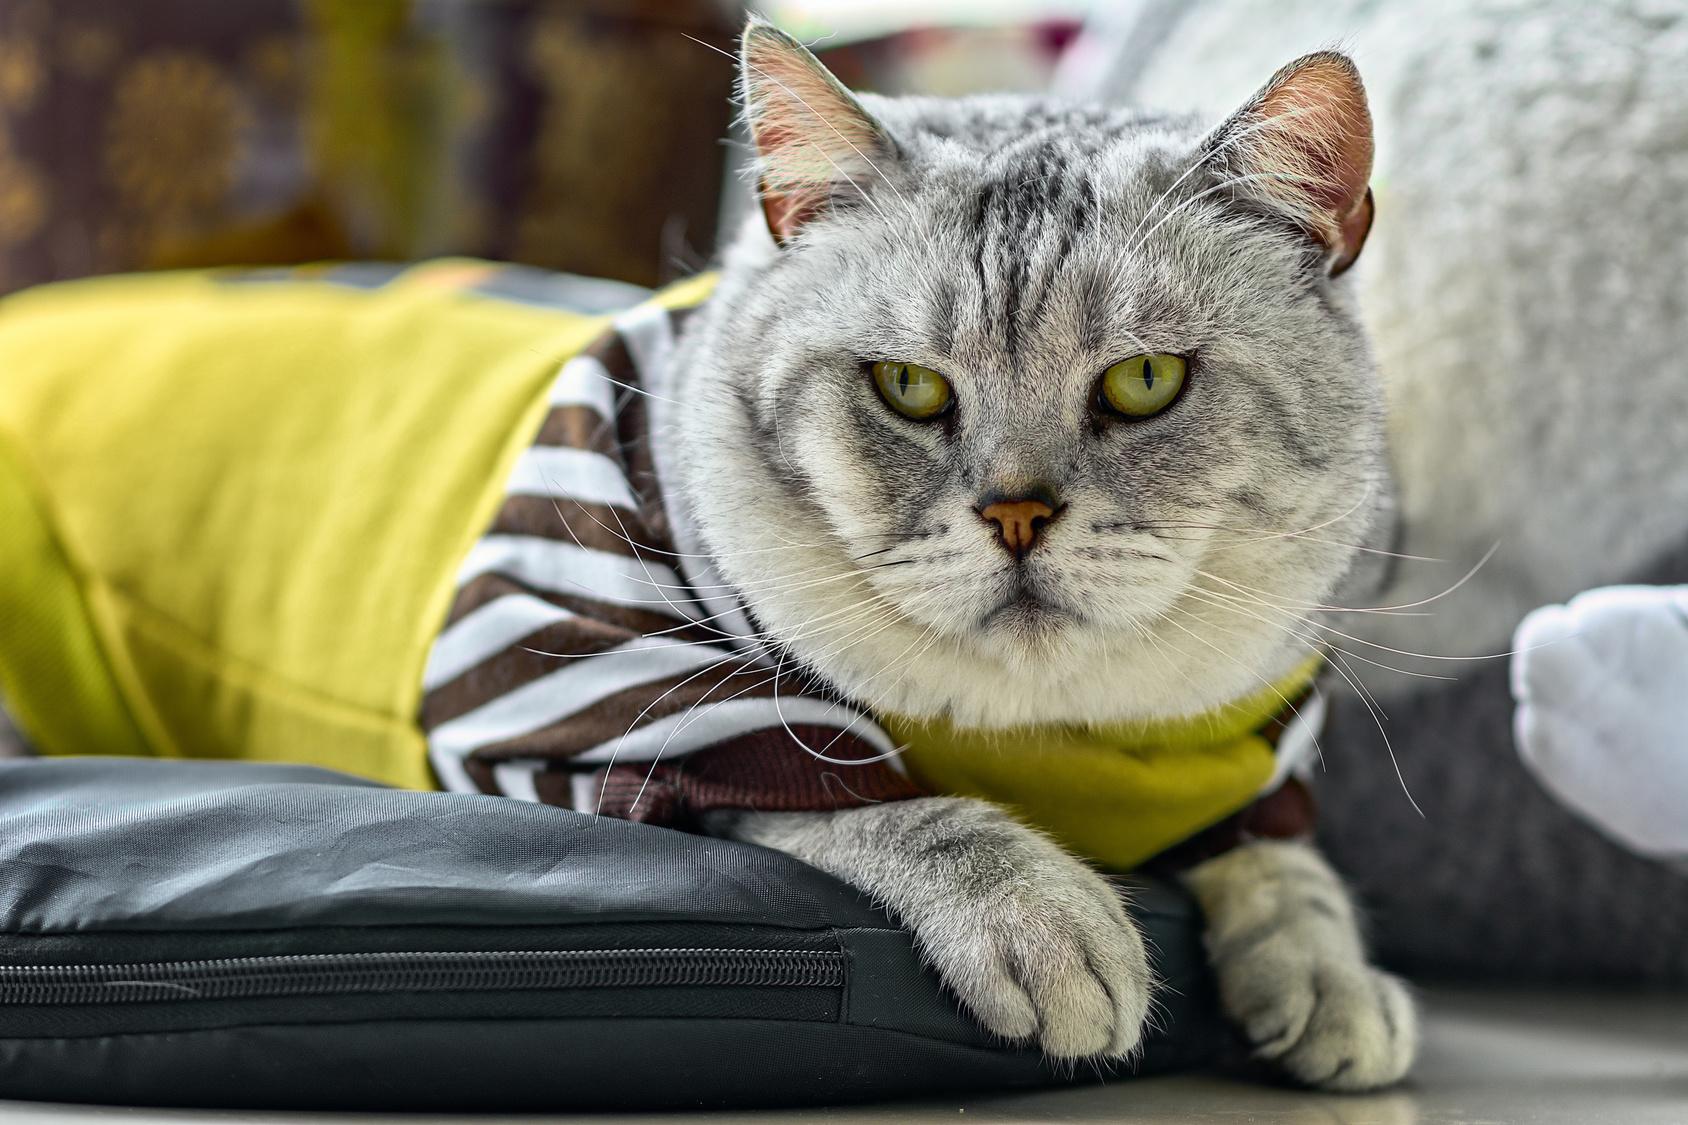 着せてもOK?猫に服を着せるタイミングと、猫×服の相性について